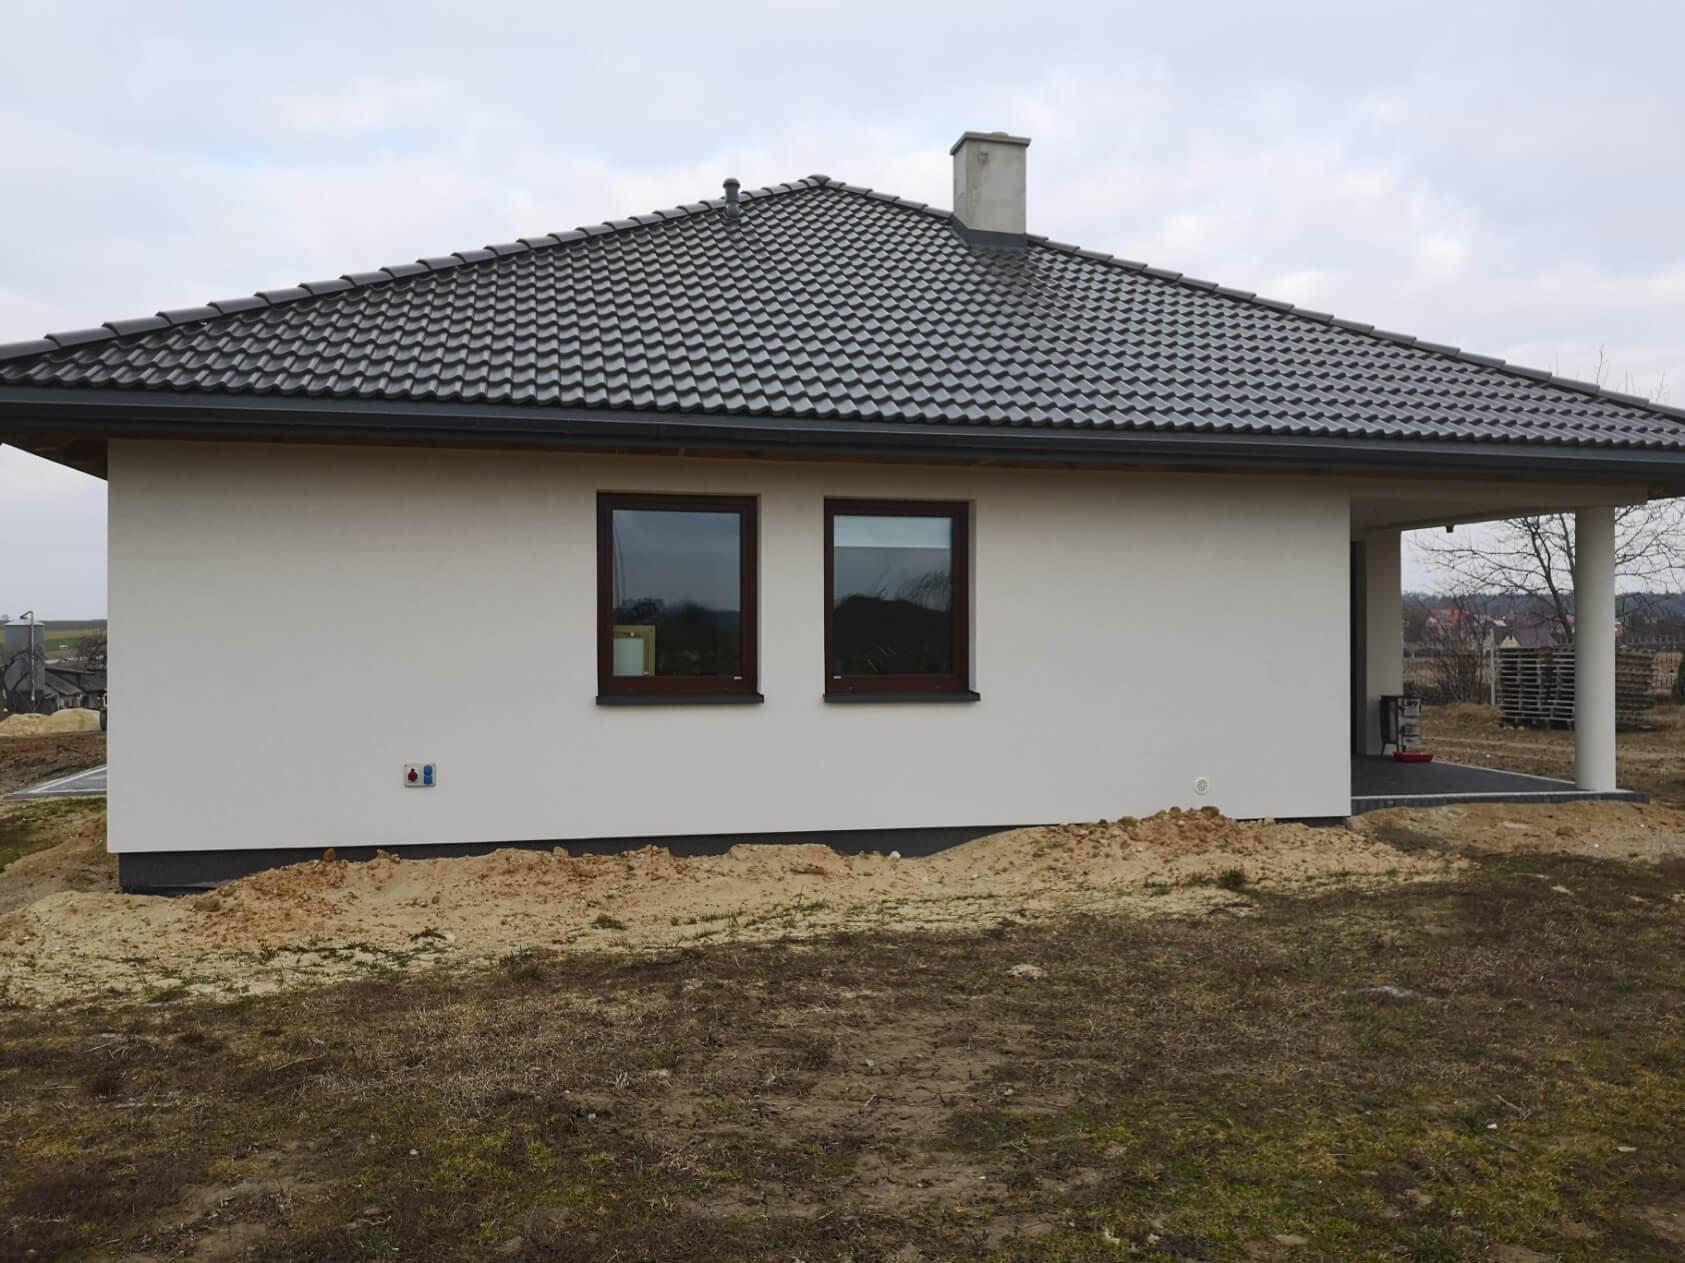 Dwa małe okna na ścianie